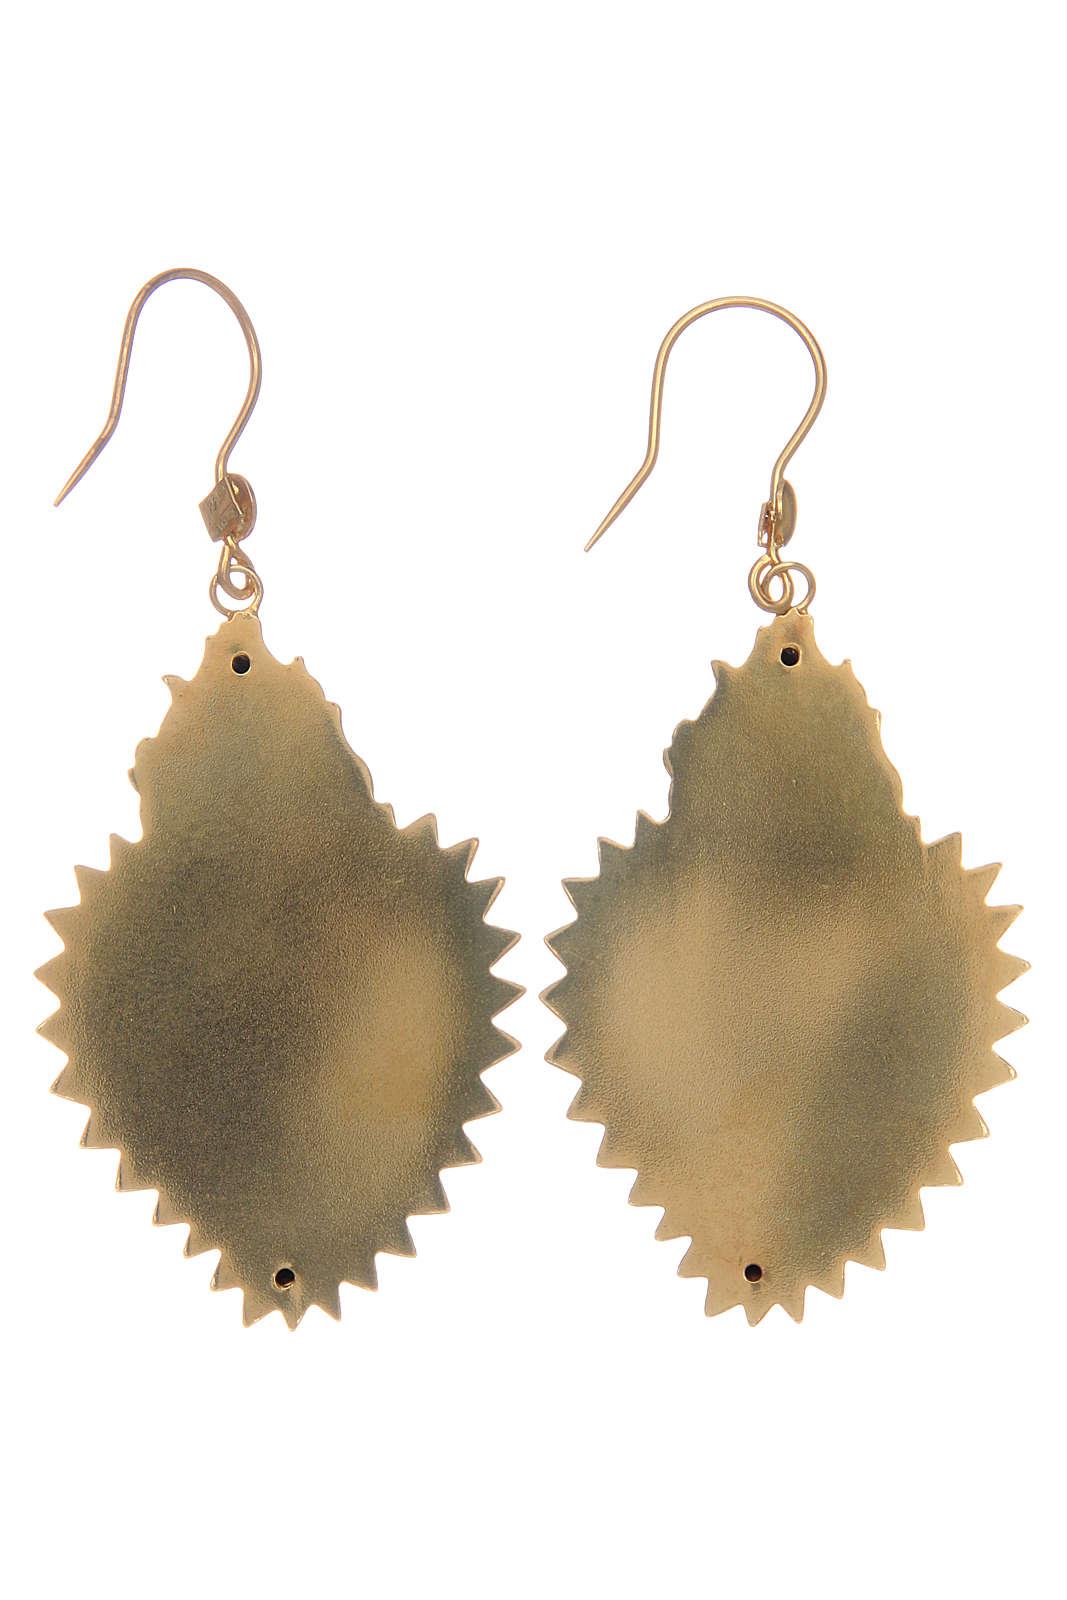 Boucles d'oreilles coeur ex-voto en argent 925 doré 4